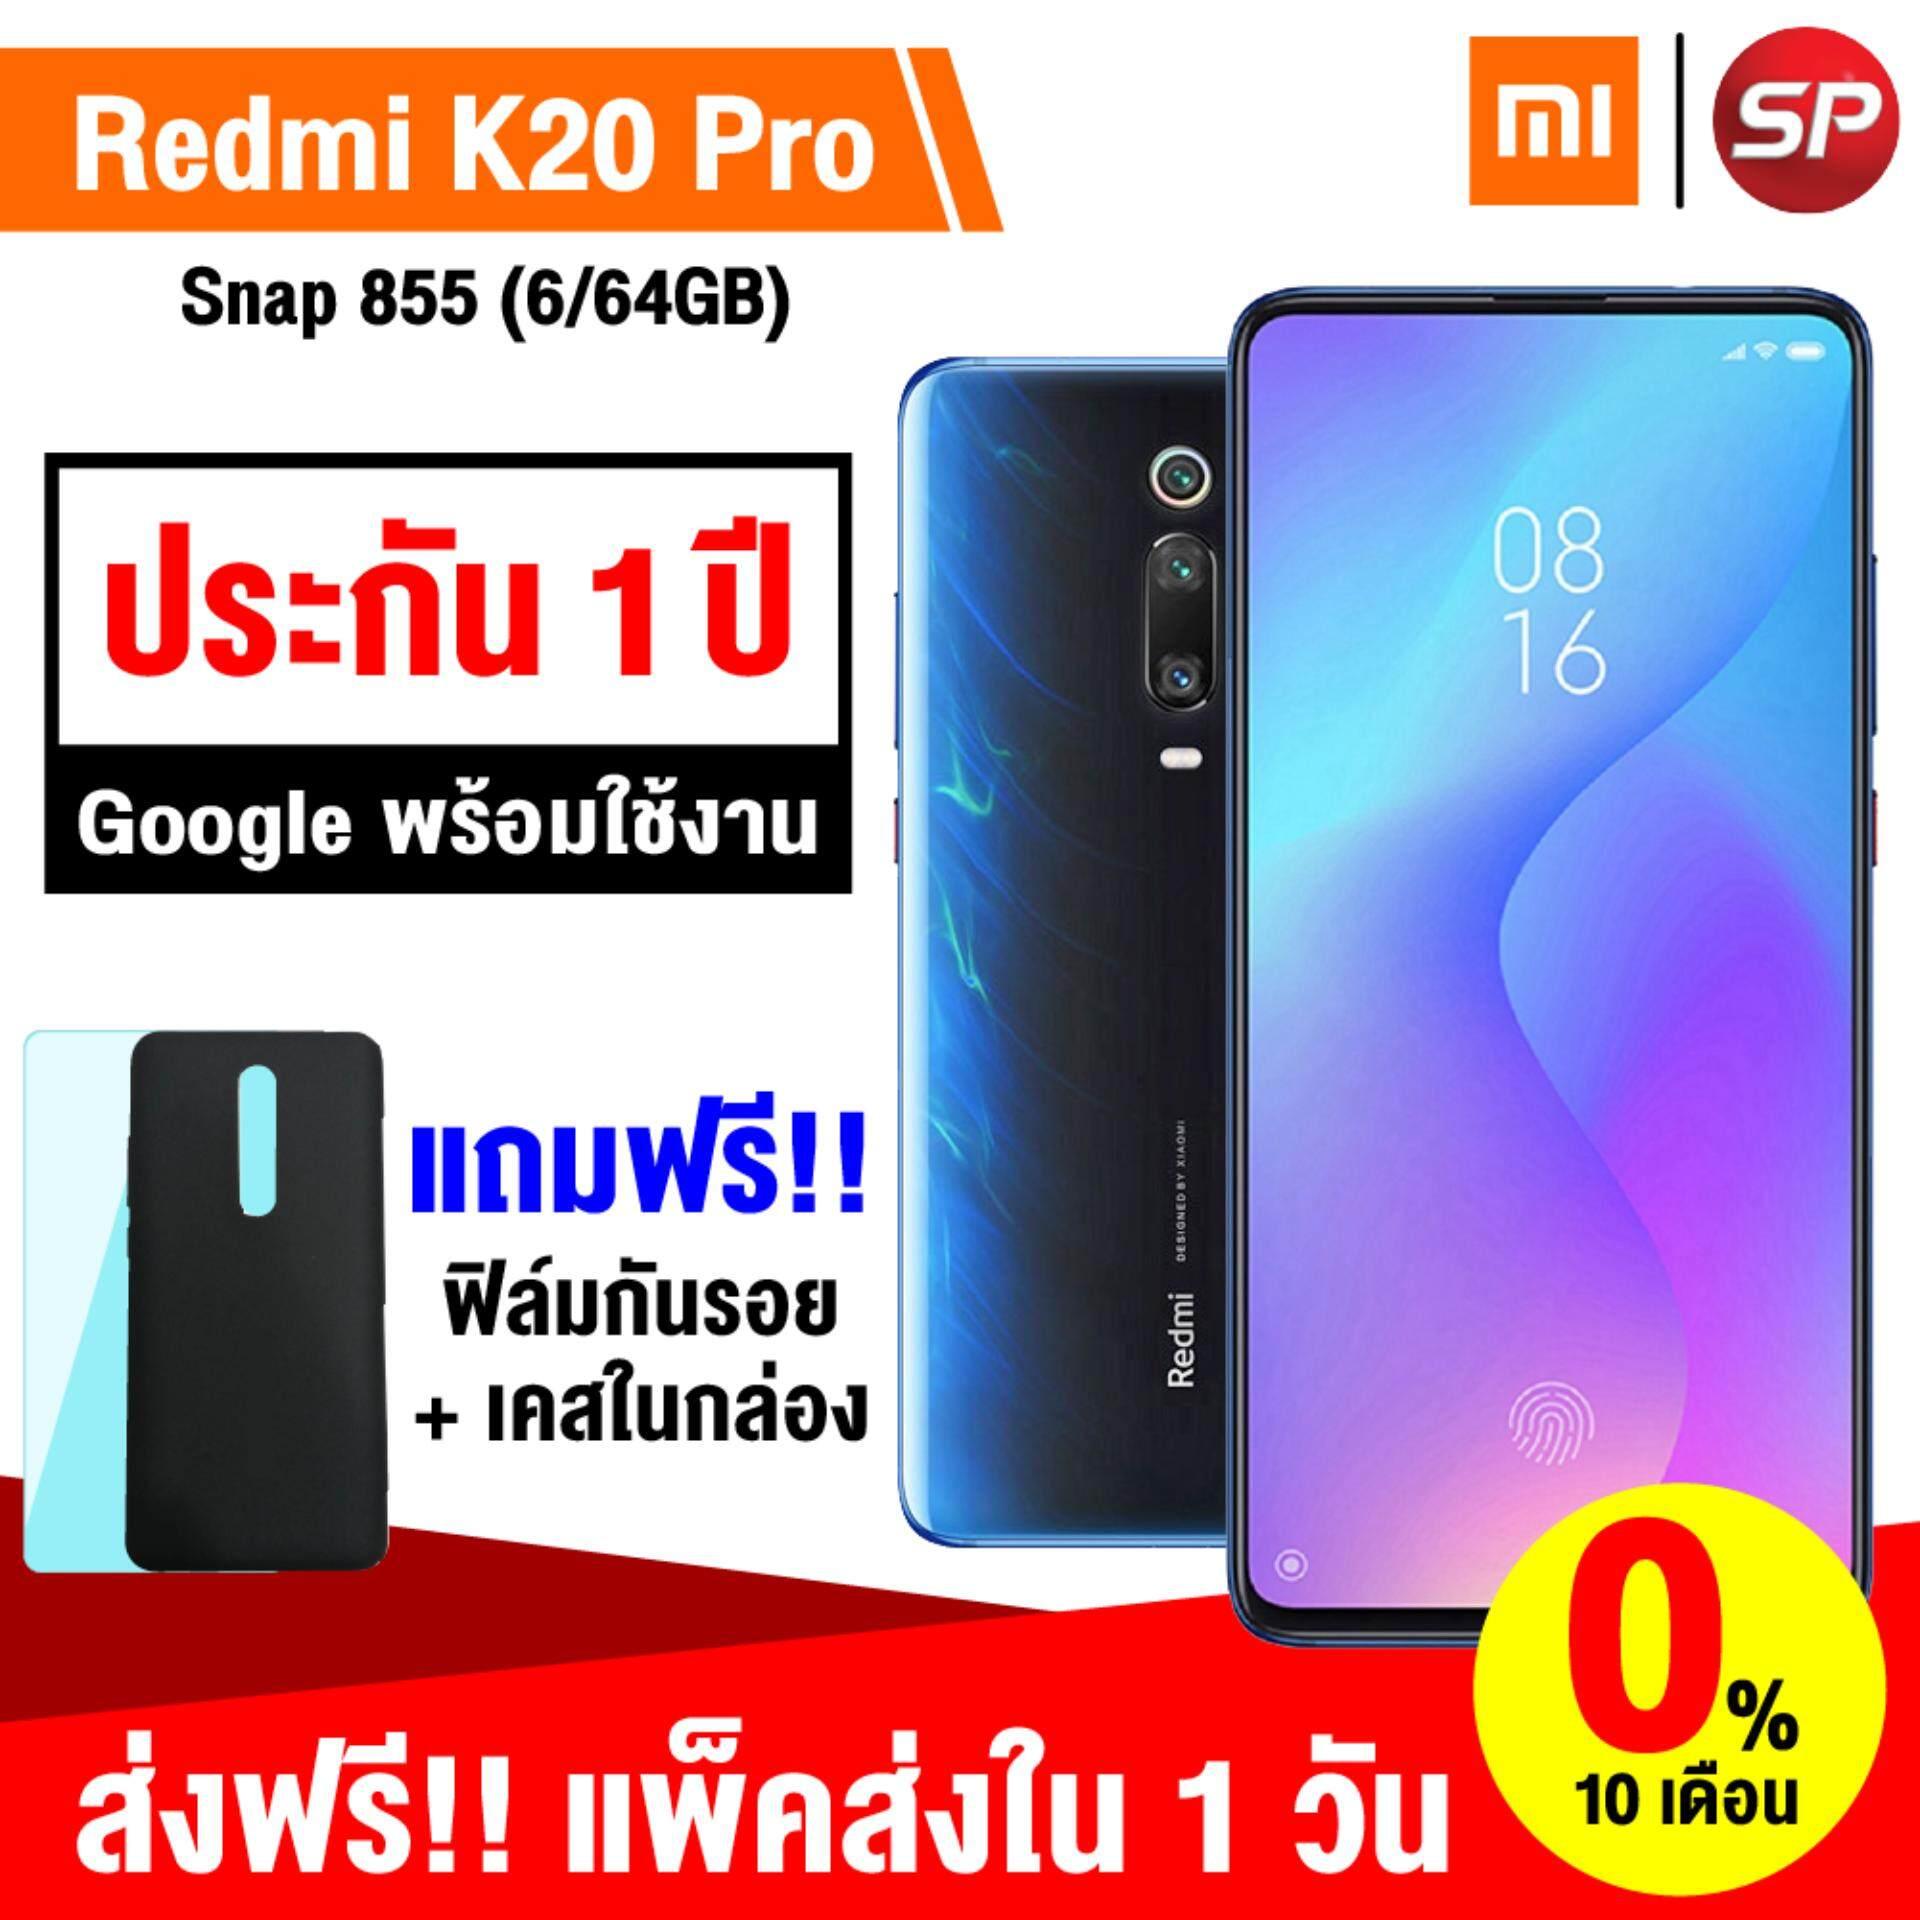 การใช้งาน  ฉะเชิงเทรา 【กดติดตามร้านรับส่วนลดเพิ่ม 3%】【สามารถผ่อน 0% 10 เดือน】【ส่งฟรี!!】Xiaomi Redmi K20 Pro (6/64GB) + ฟิล์มกันรอย มาพร้อม Premium Black Case 【รับประกันร้าน 1 ปี】 / Thaisuperphone